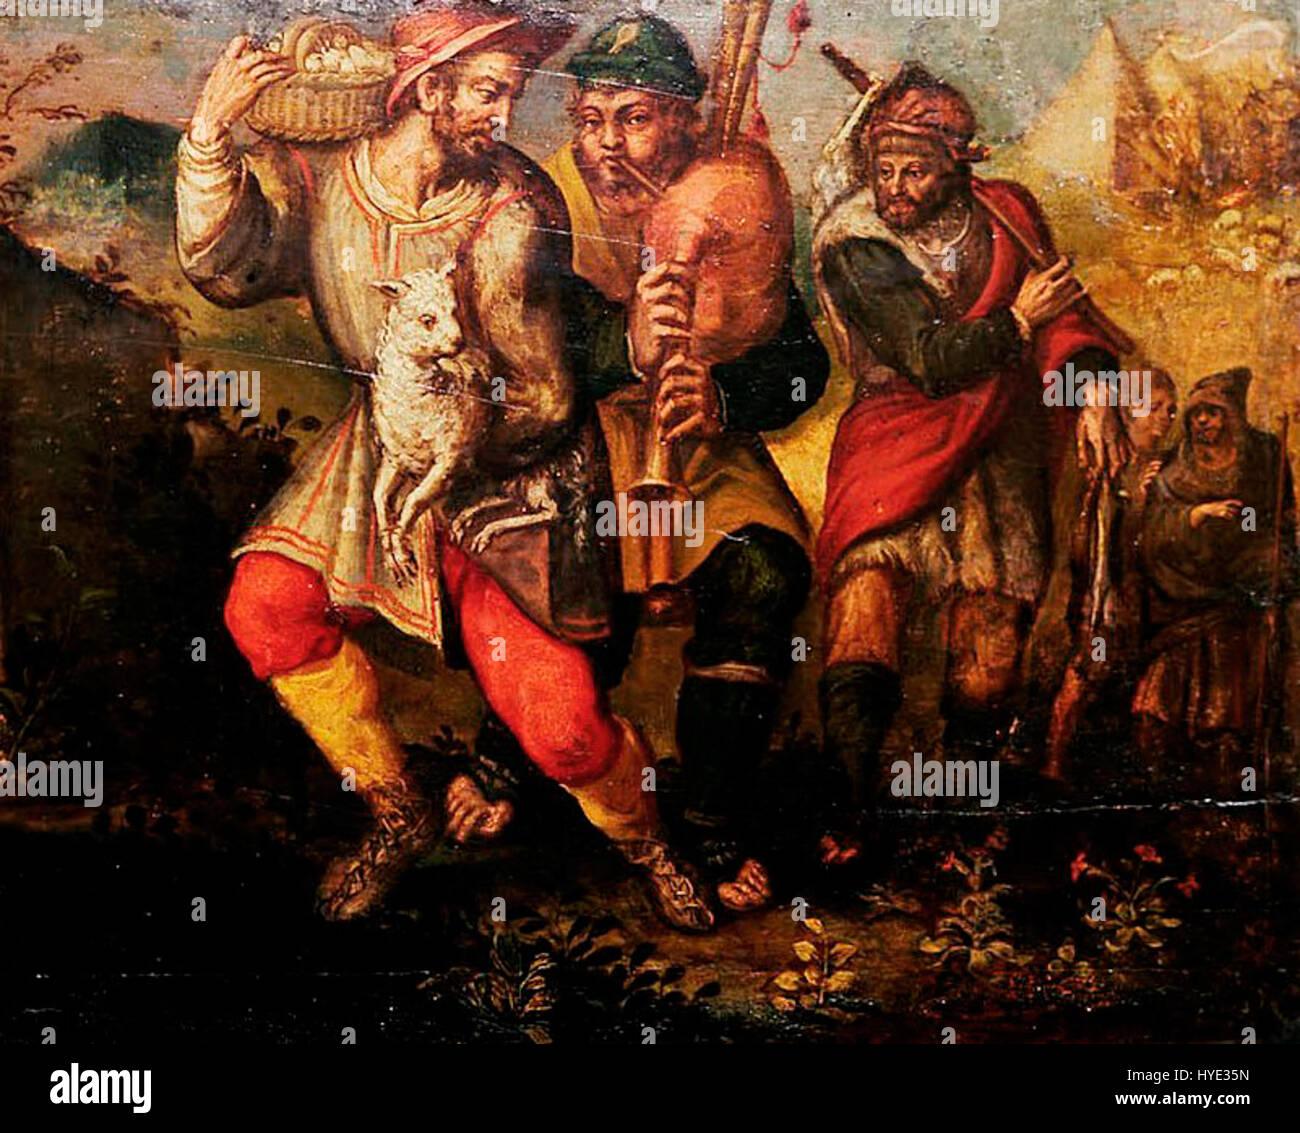 Vasco Pereira Lusitano   Shepherds (detail) - Stock Image